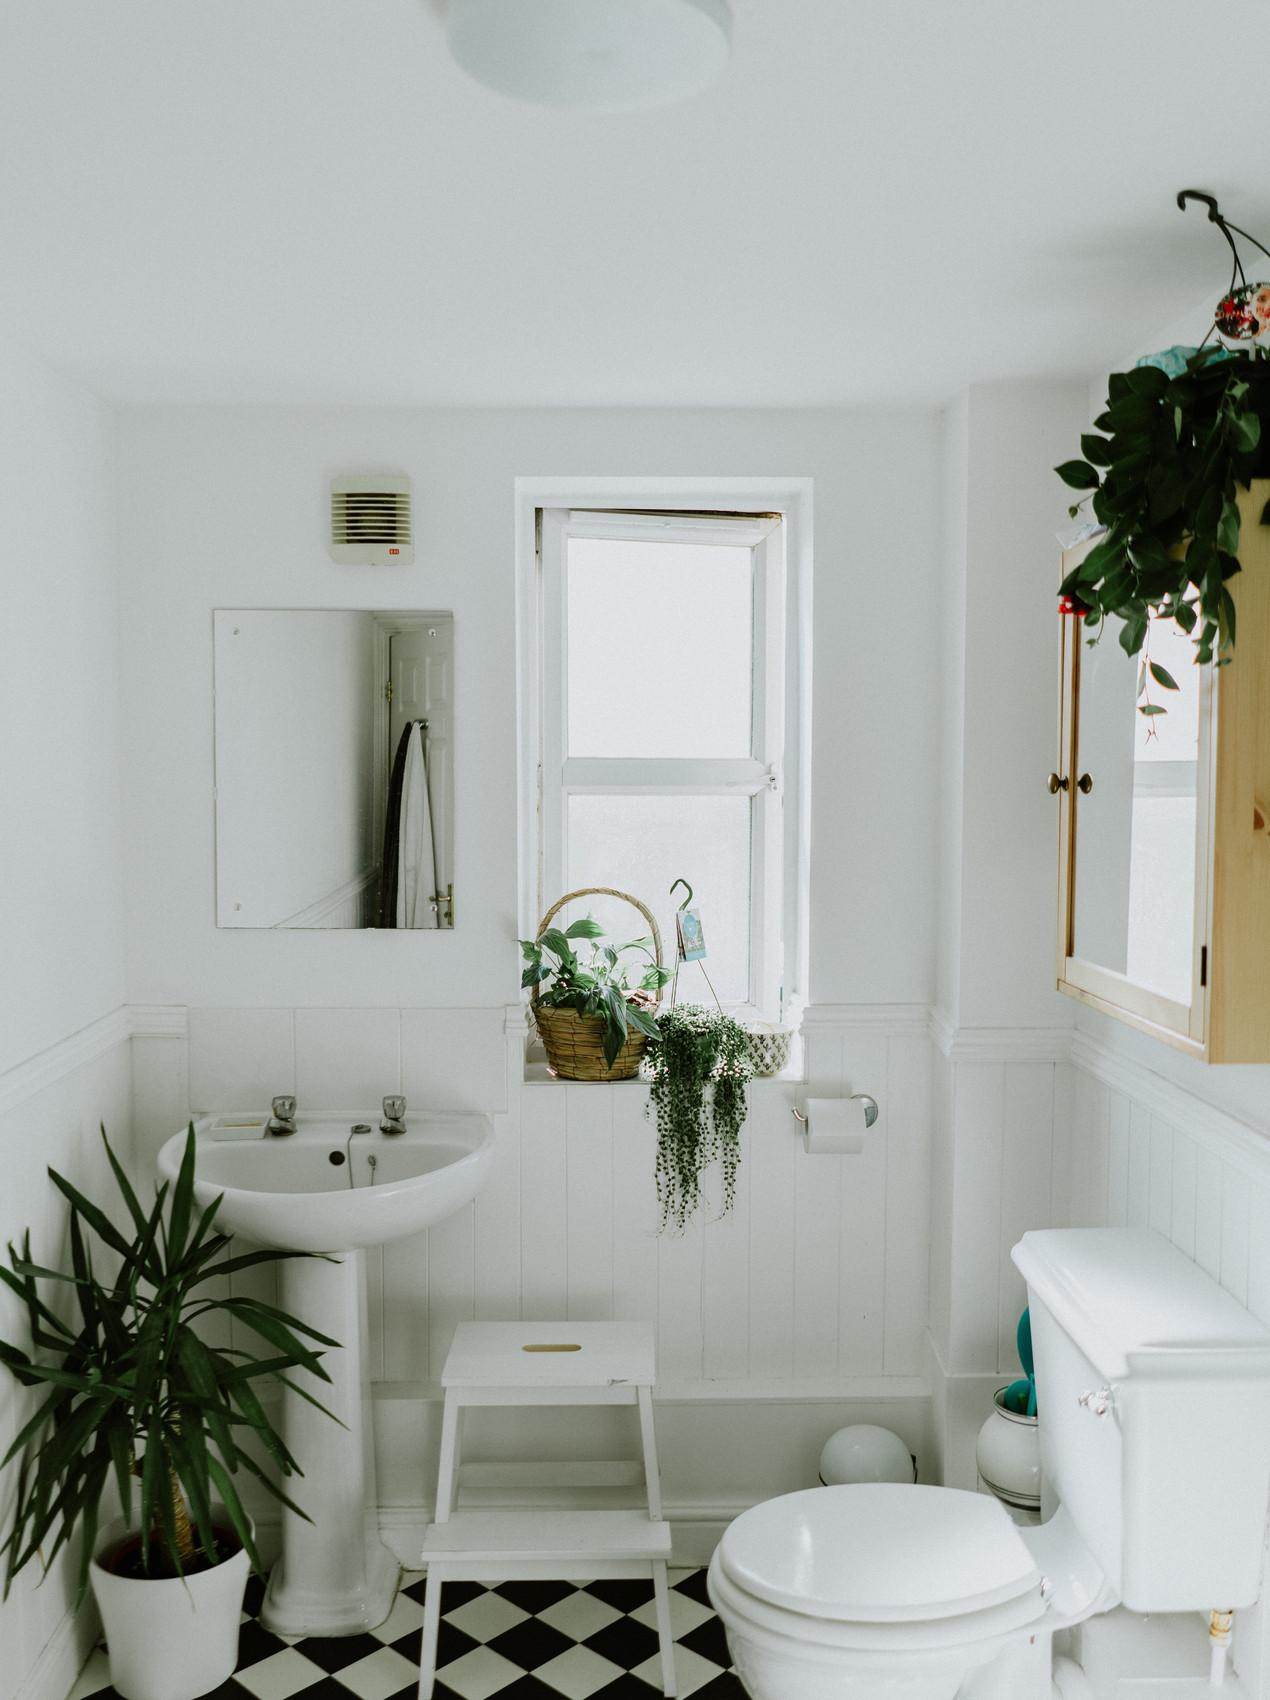 Baño con plantas decorativas para hacerlo elegante y sostenible con matas y verde. Formas de hacer tu baño más sostenible, ahorrar agua y limpio.